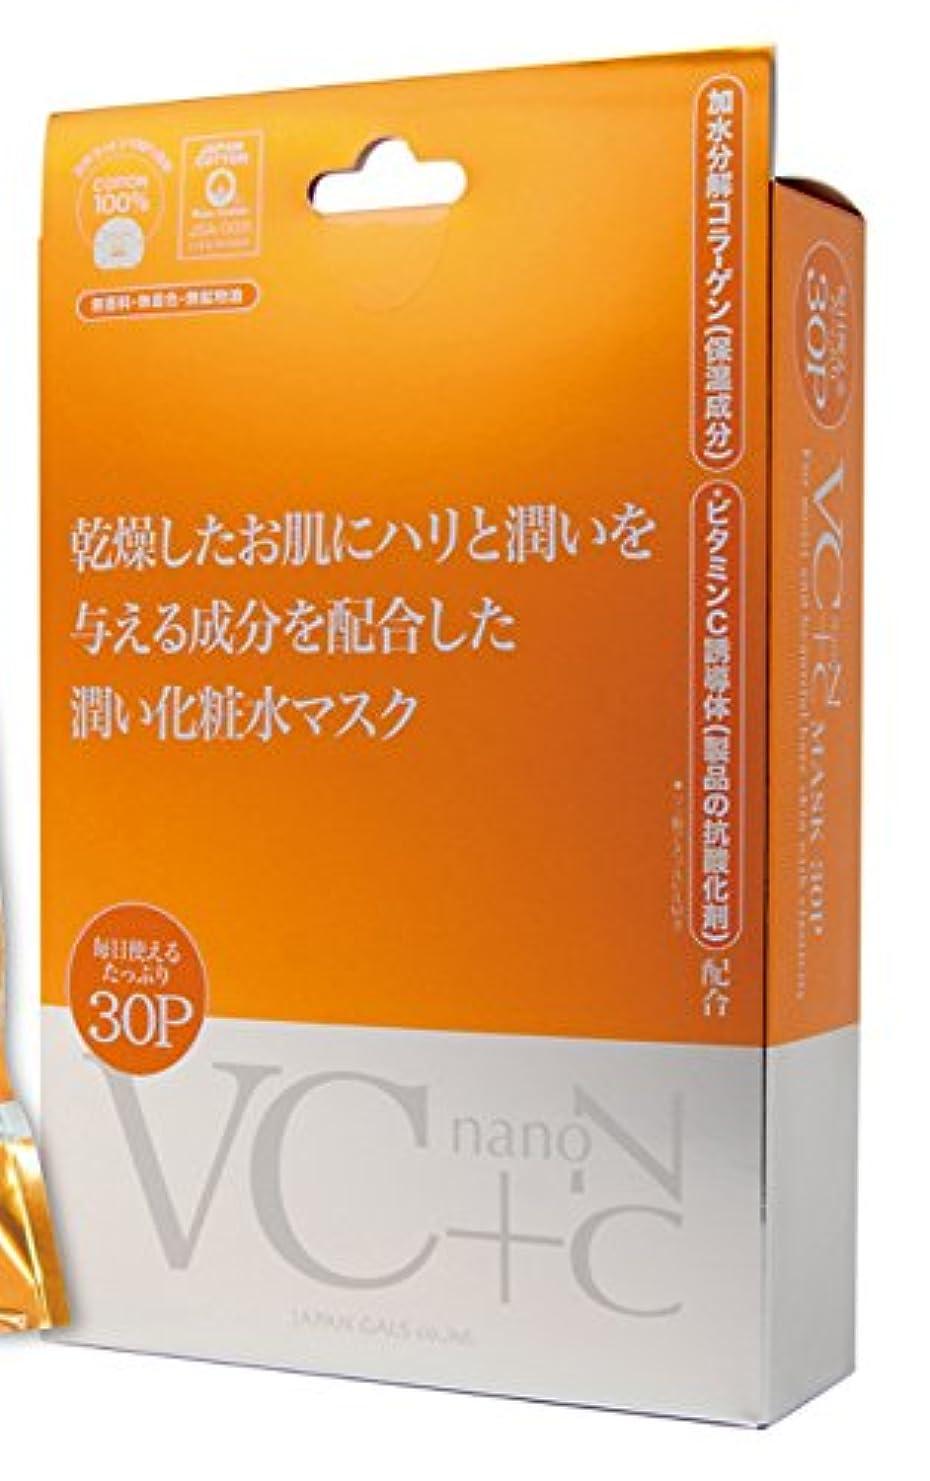 白菜虫センサージャパンギャルズ VC+nanoC(ブイシープラスナノシー) マスク30P